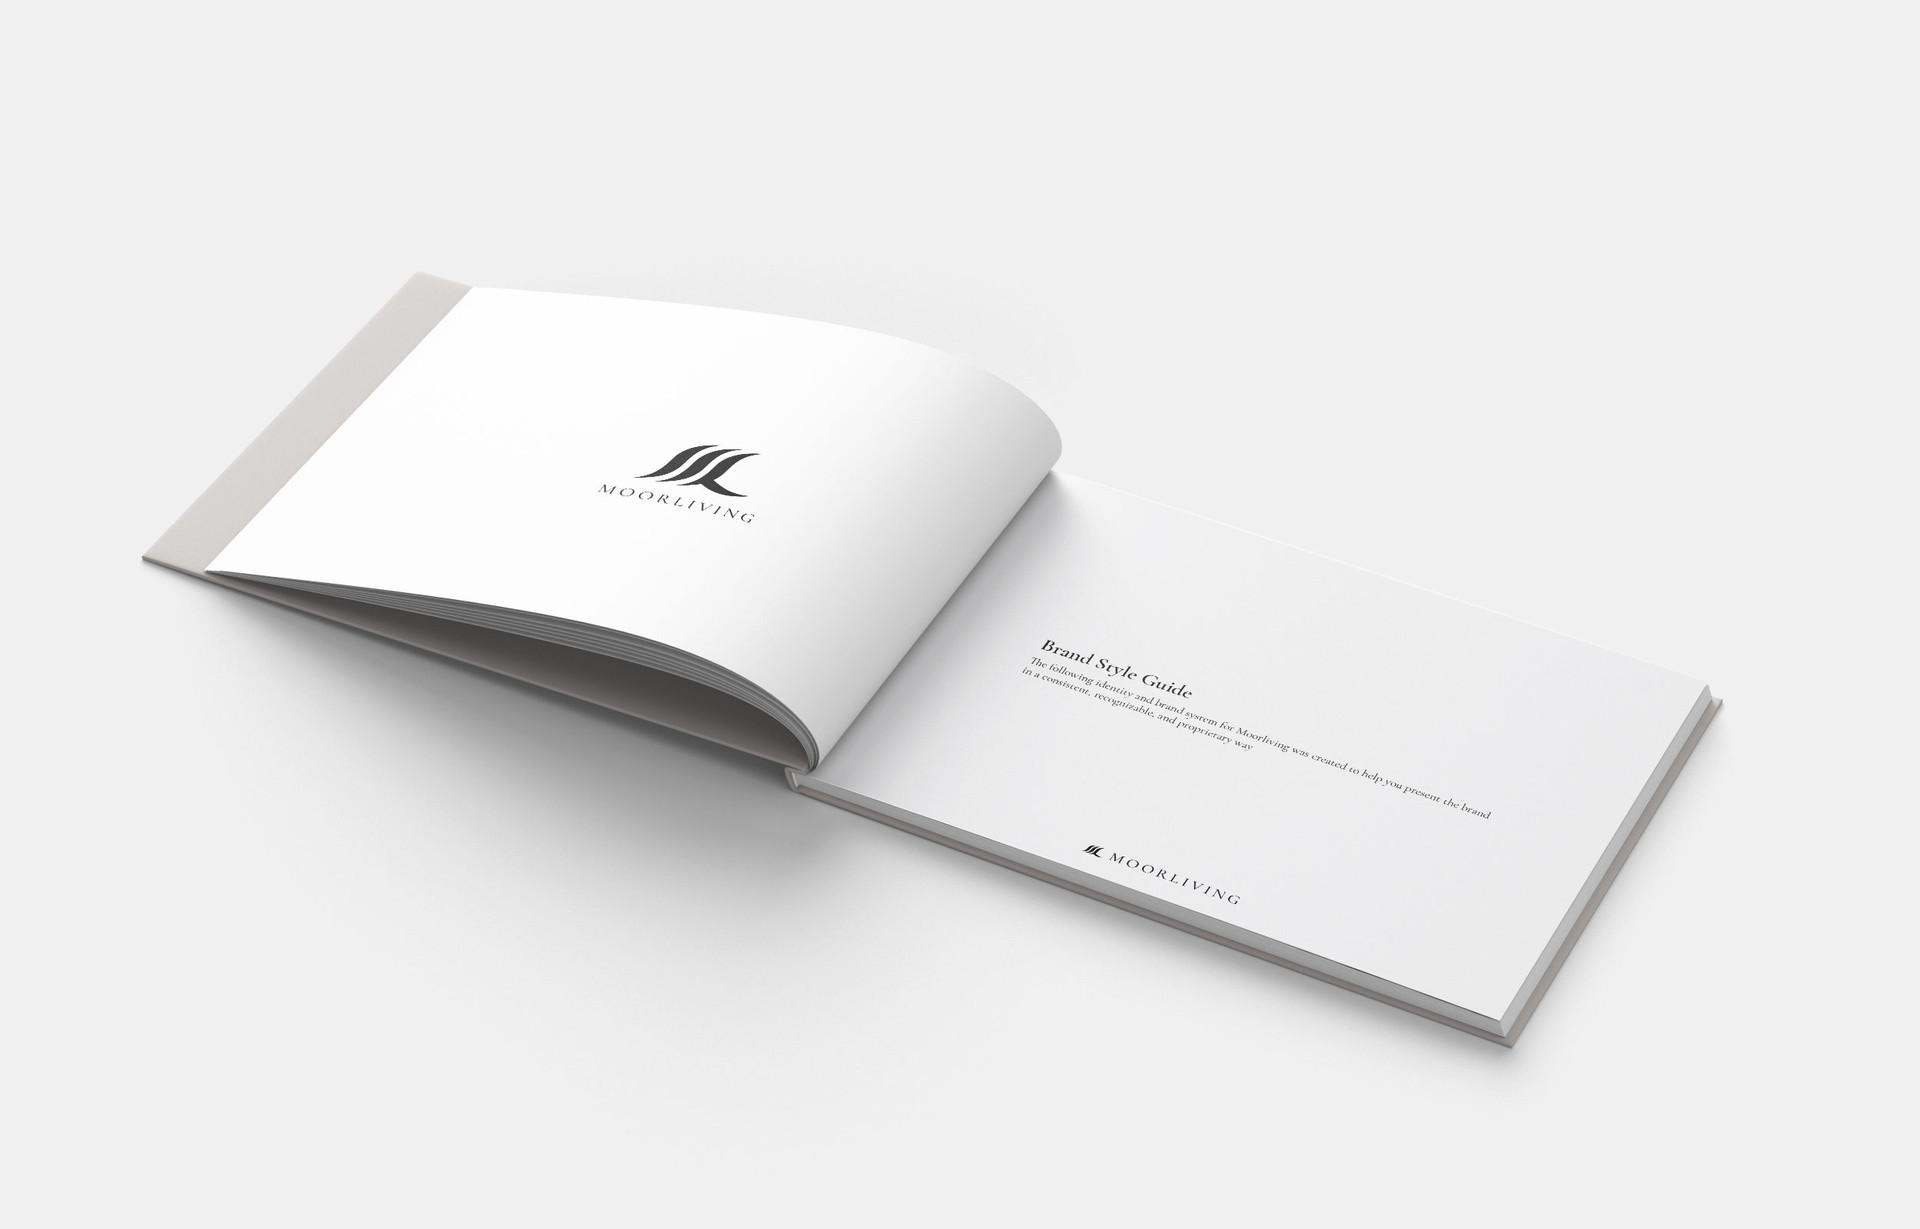 MoorLiving_Horizontal_Book_Mockup_2.jpg